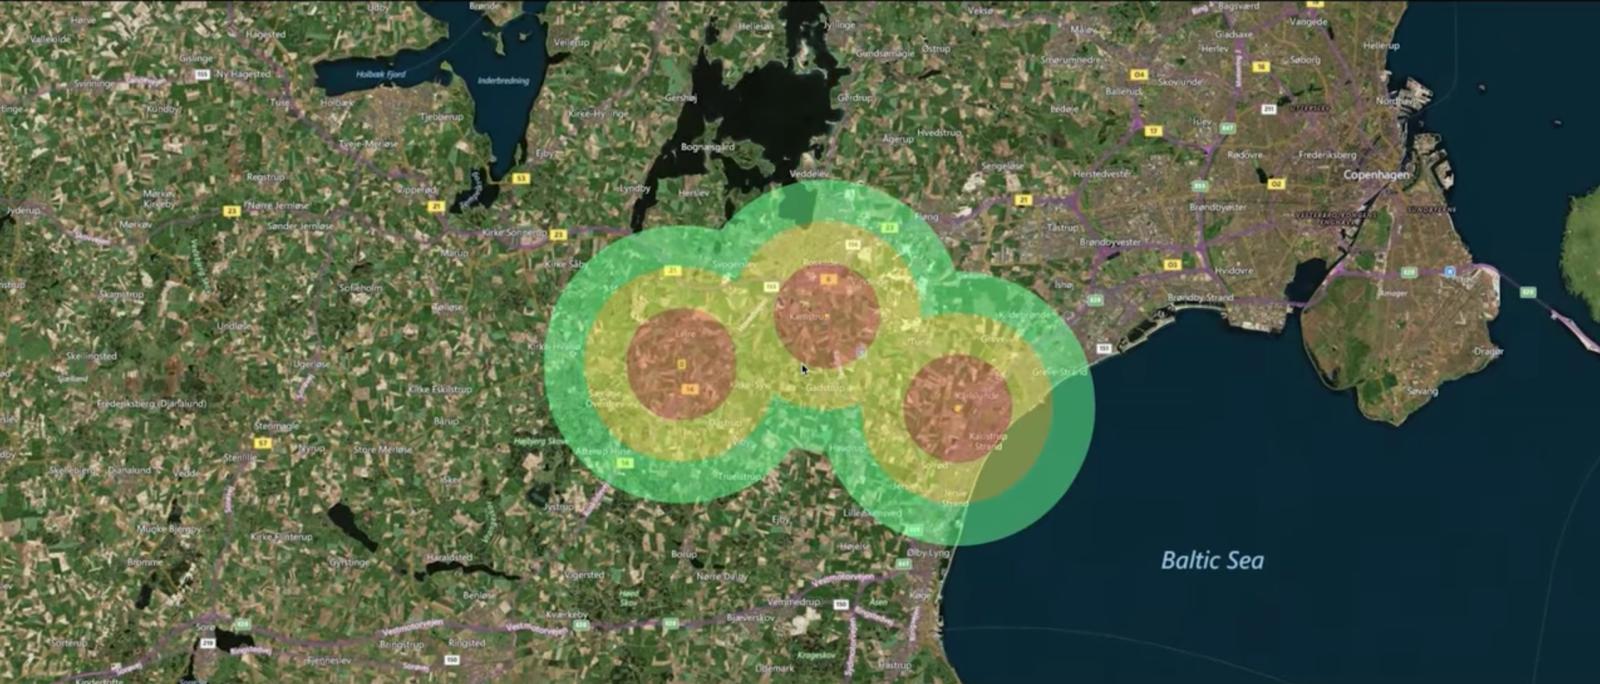 Control de aves en aeropuertos vía satélite